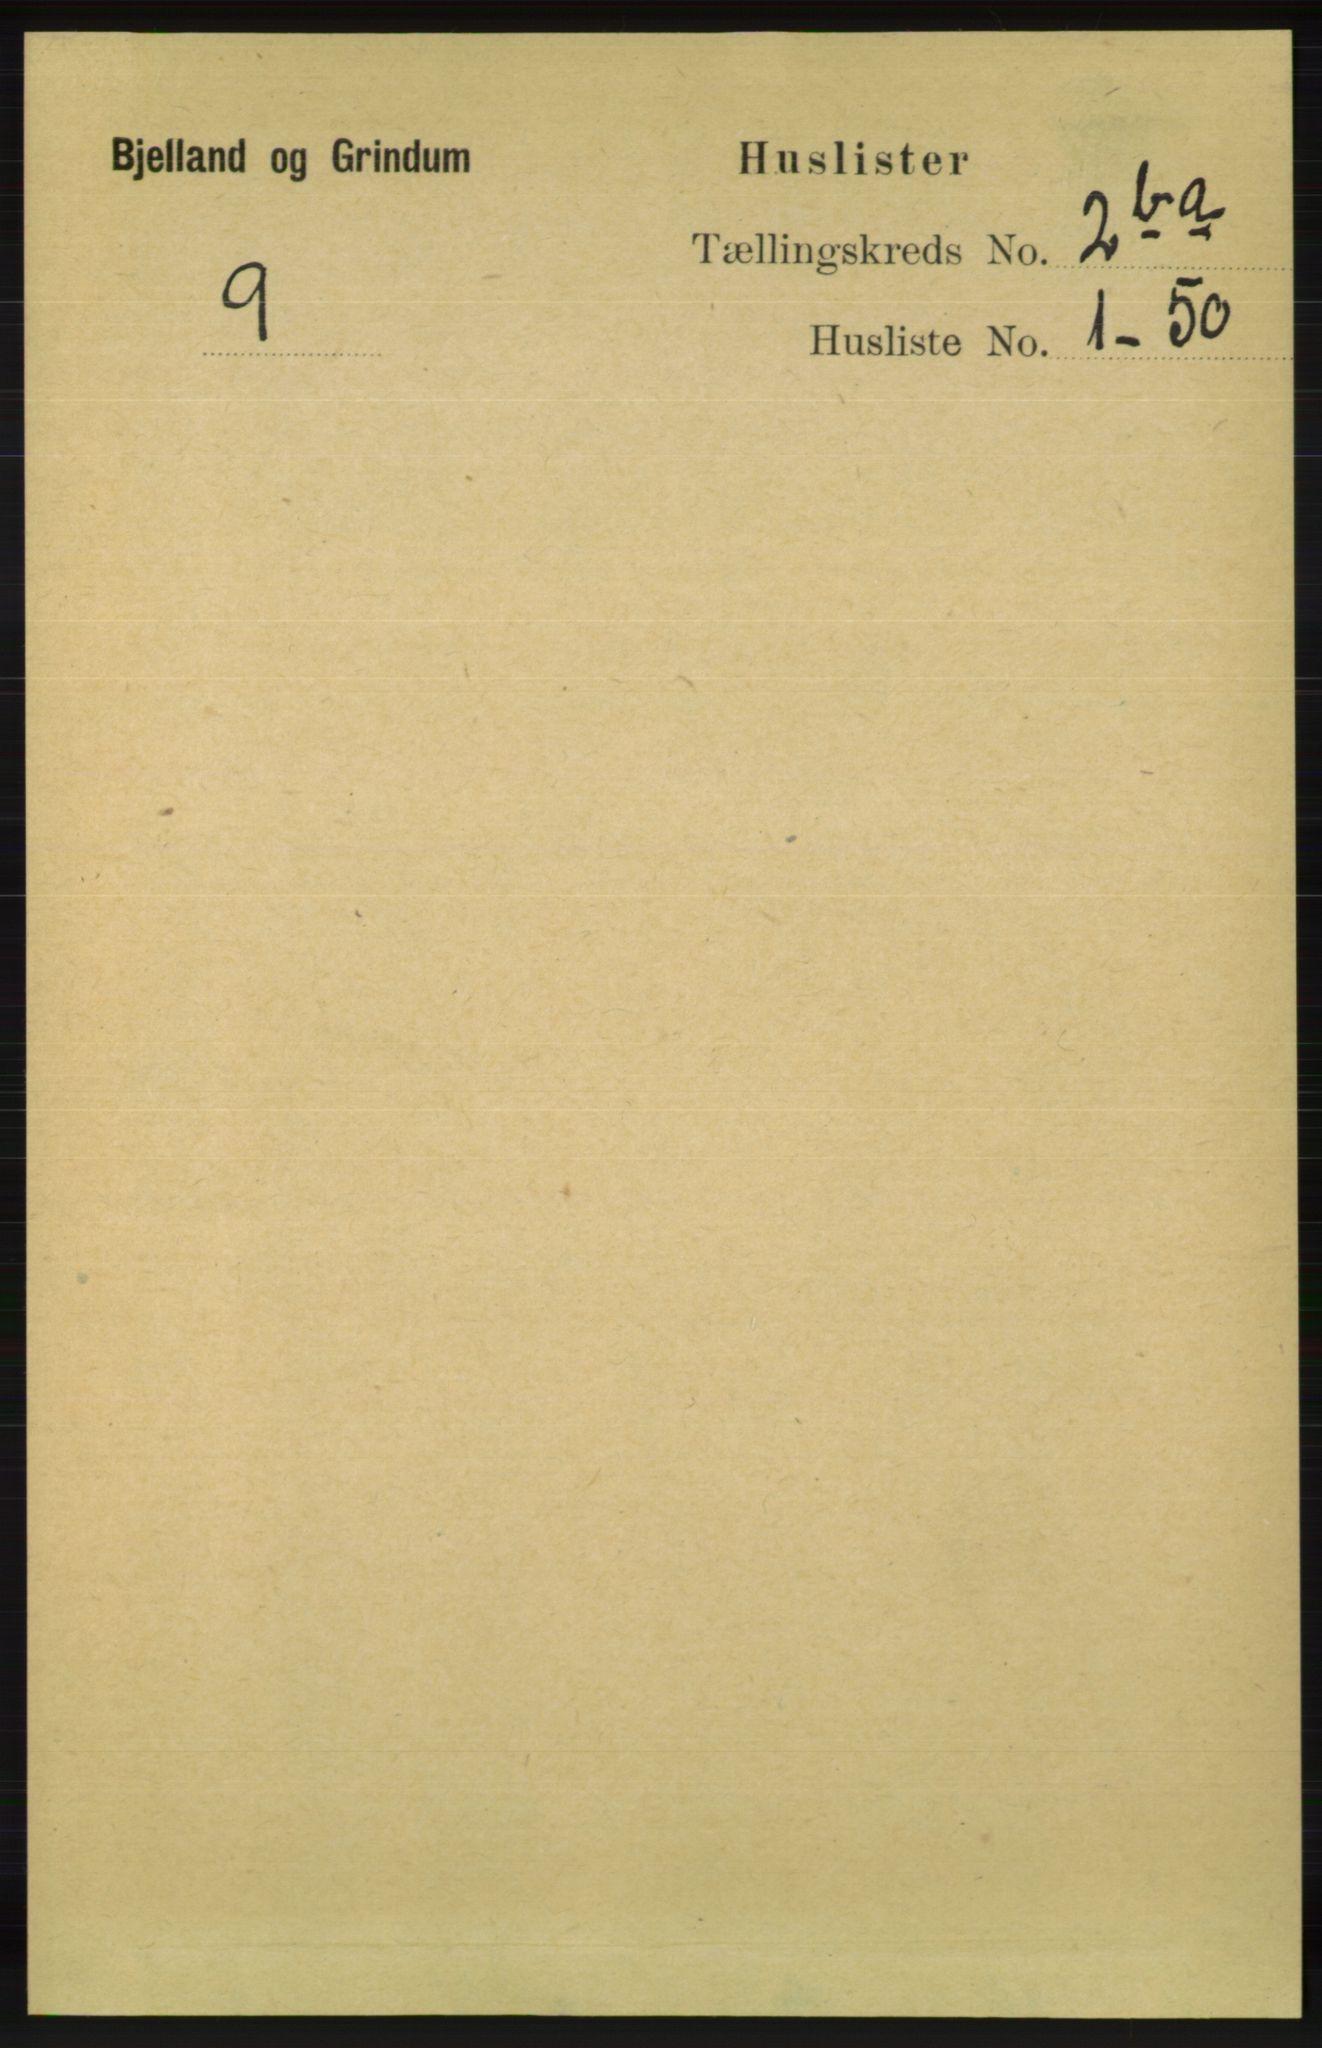 RA, Folketelling 1891 for 1024 Bjelland og Grindheim herred, 1891, s. 1076